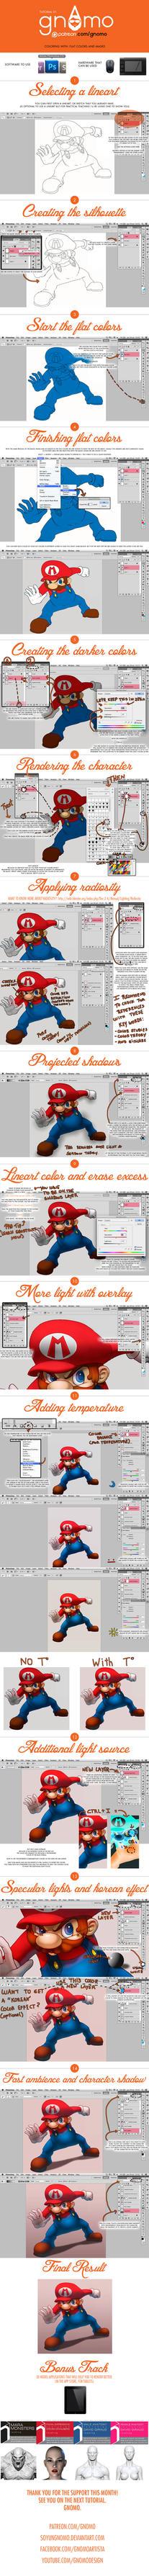 Photoshop COLOR tutorial by SoyUnGnomo